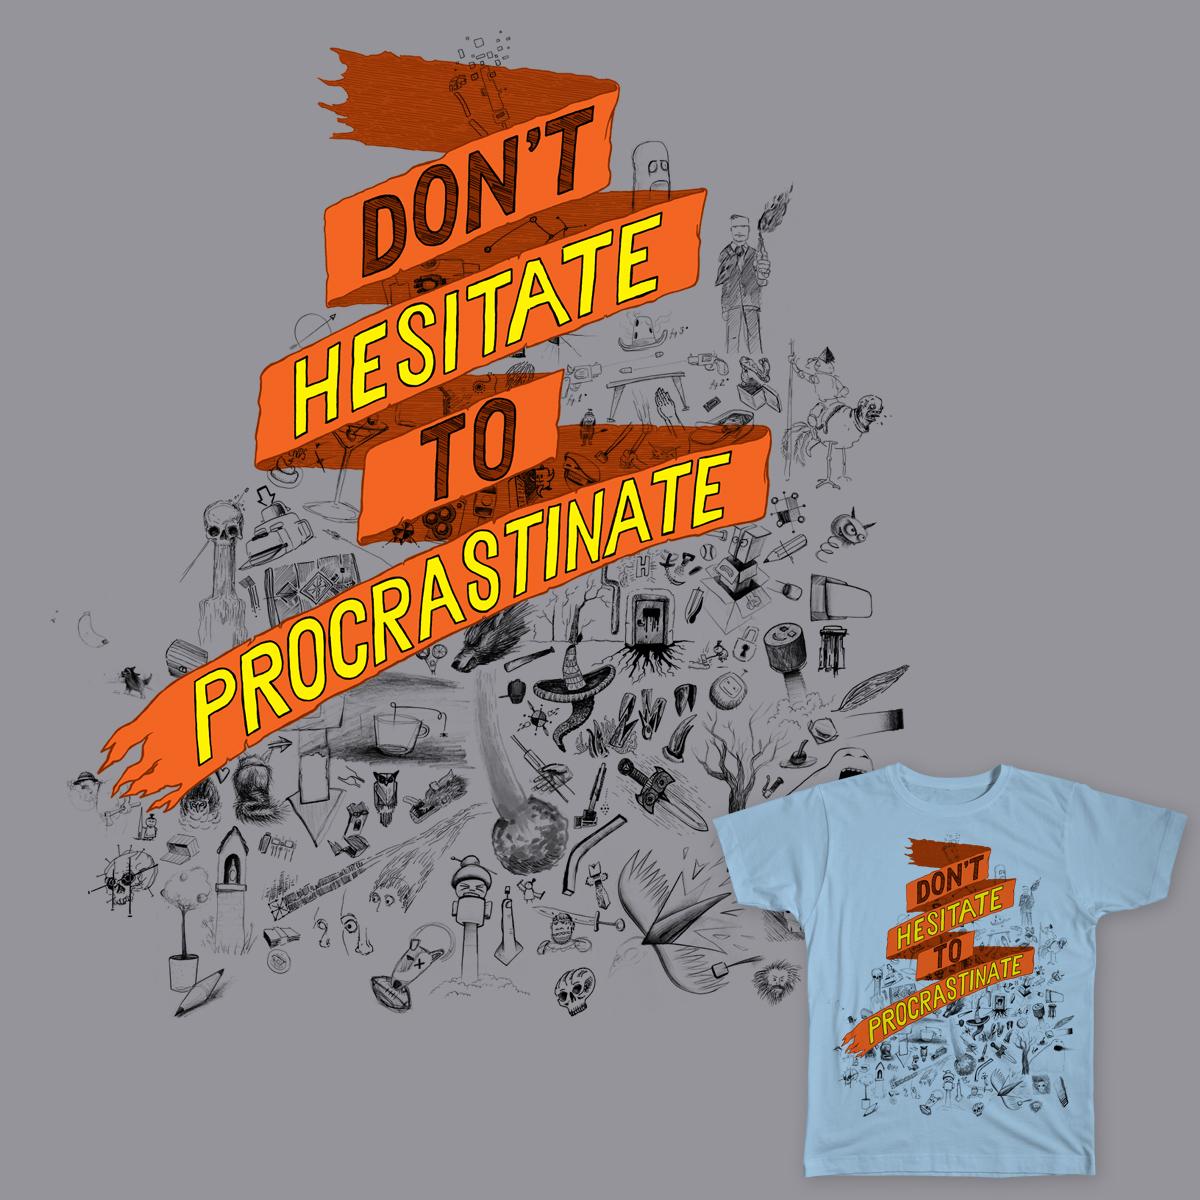 Procrastinate now! by biernatt on Threadless